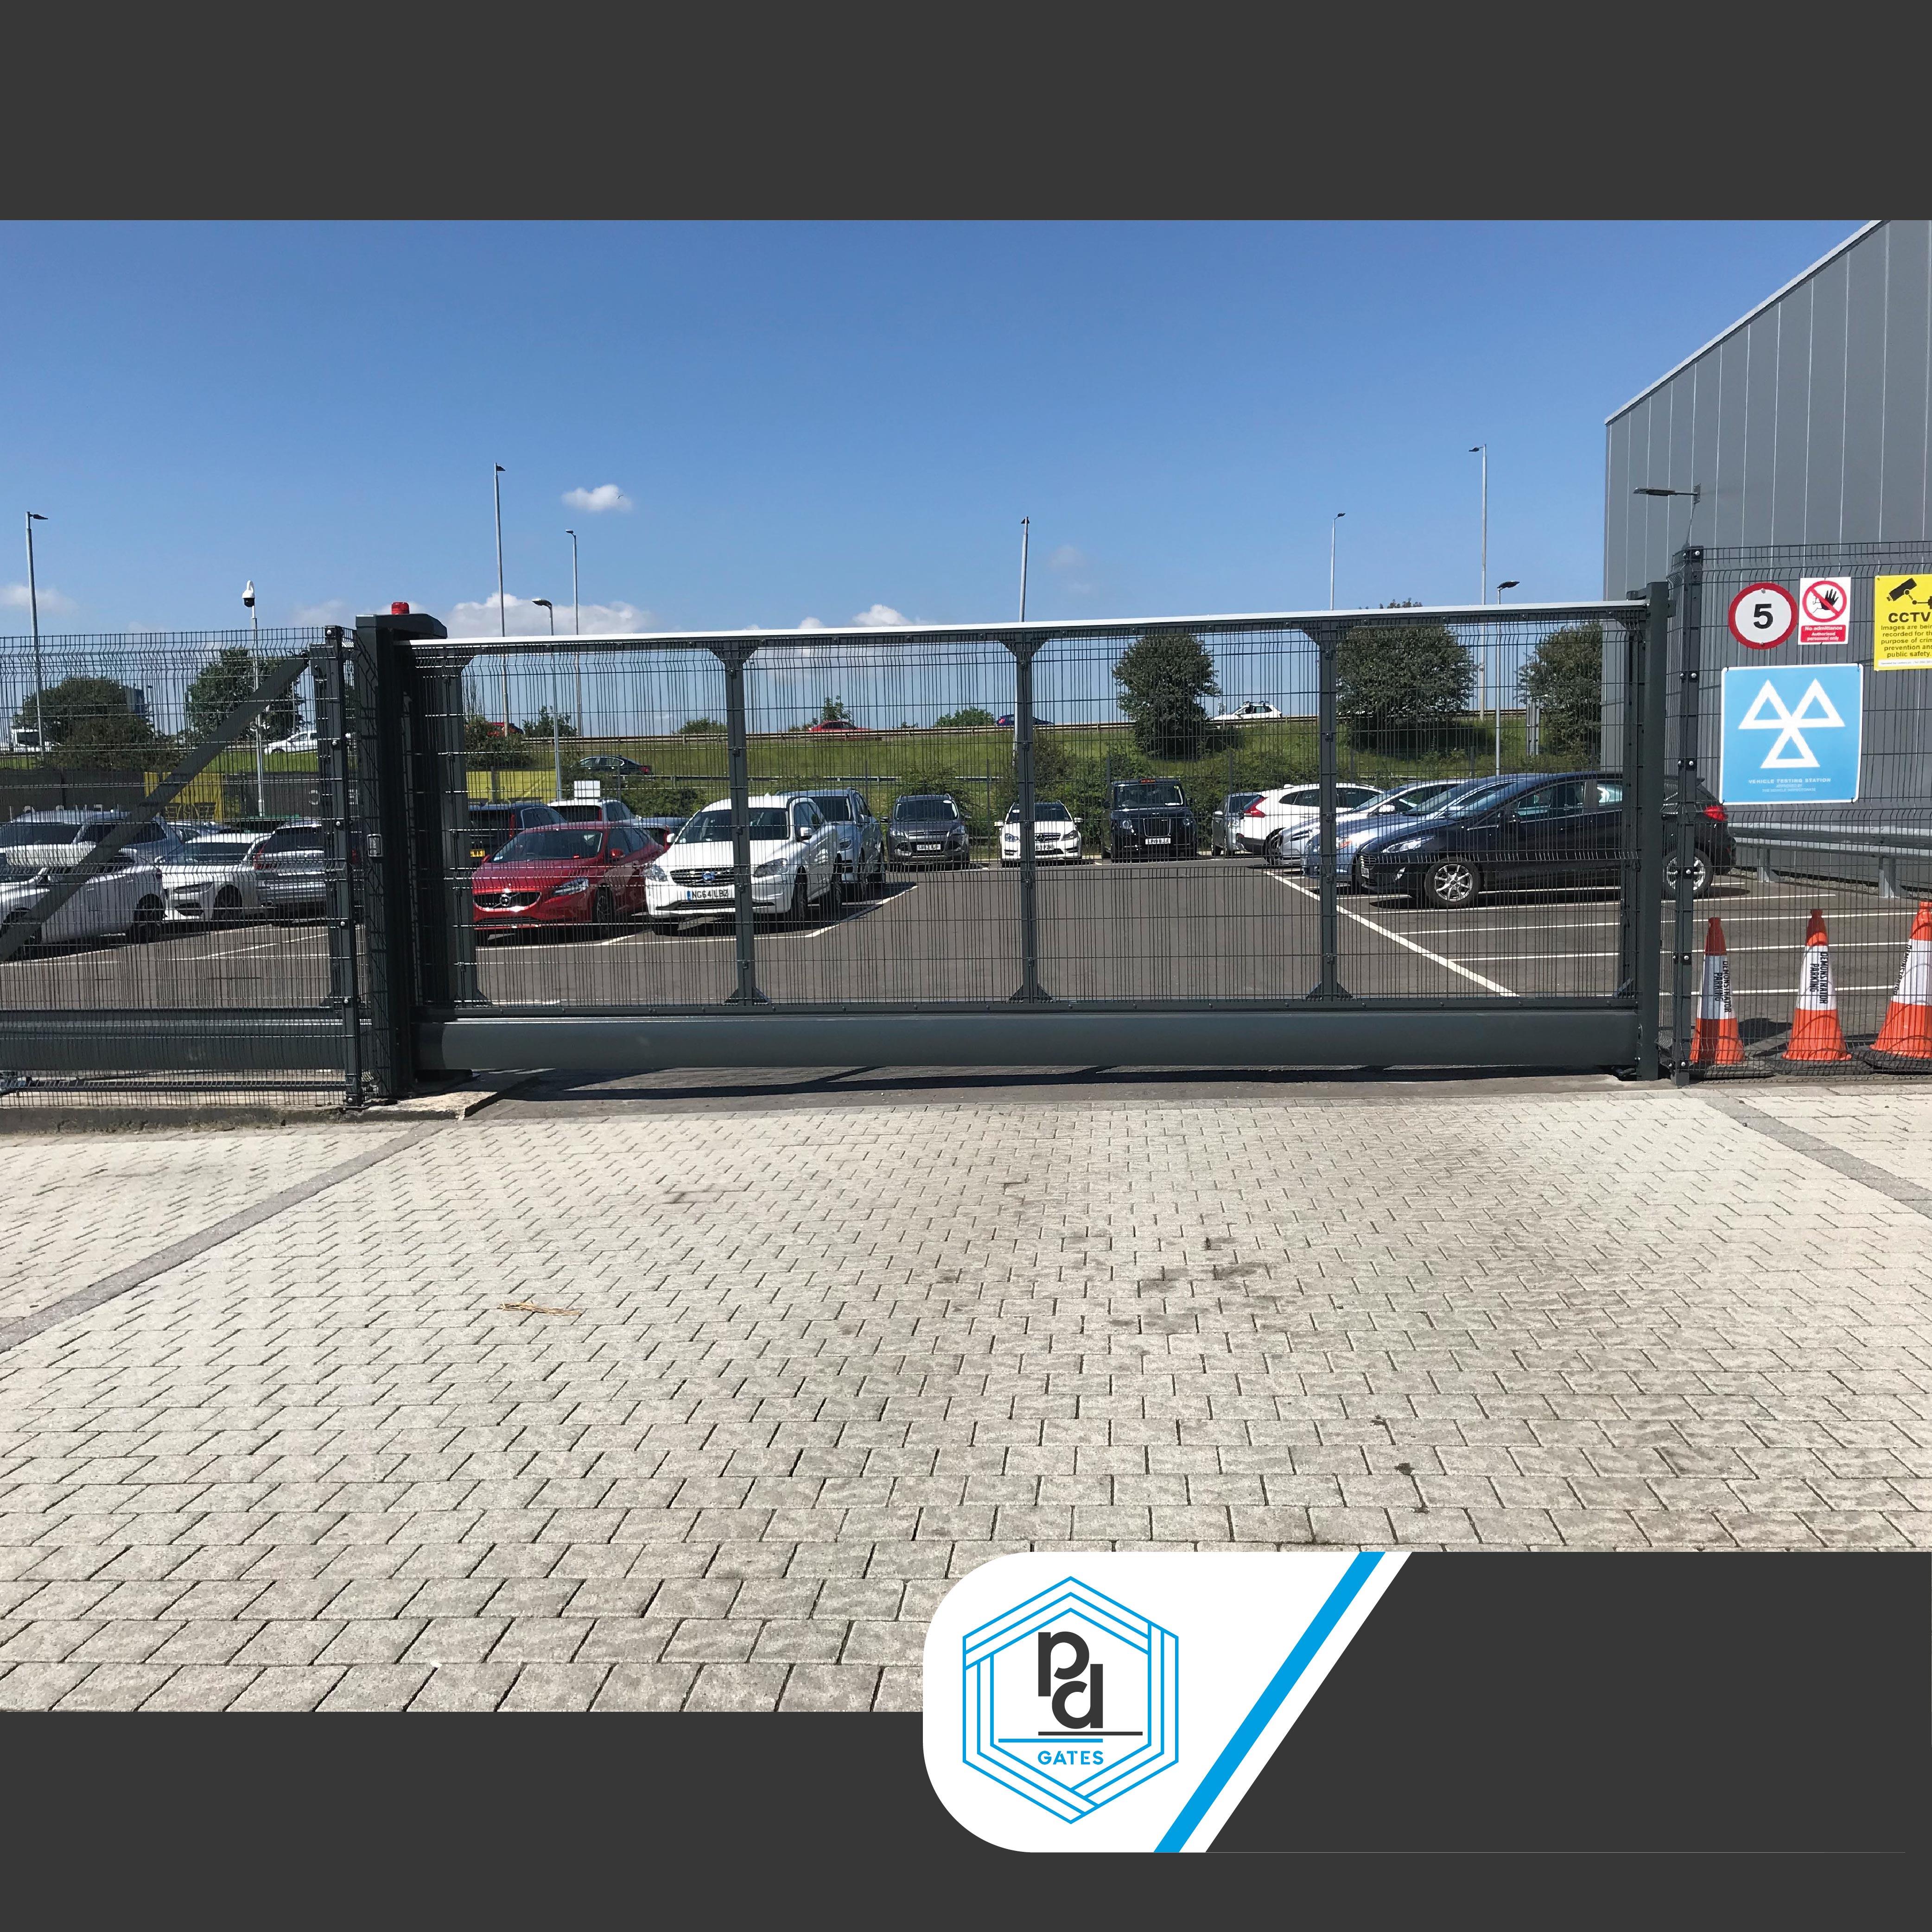 pd_gates-21